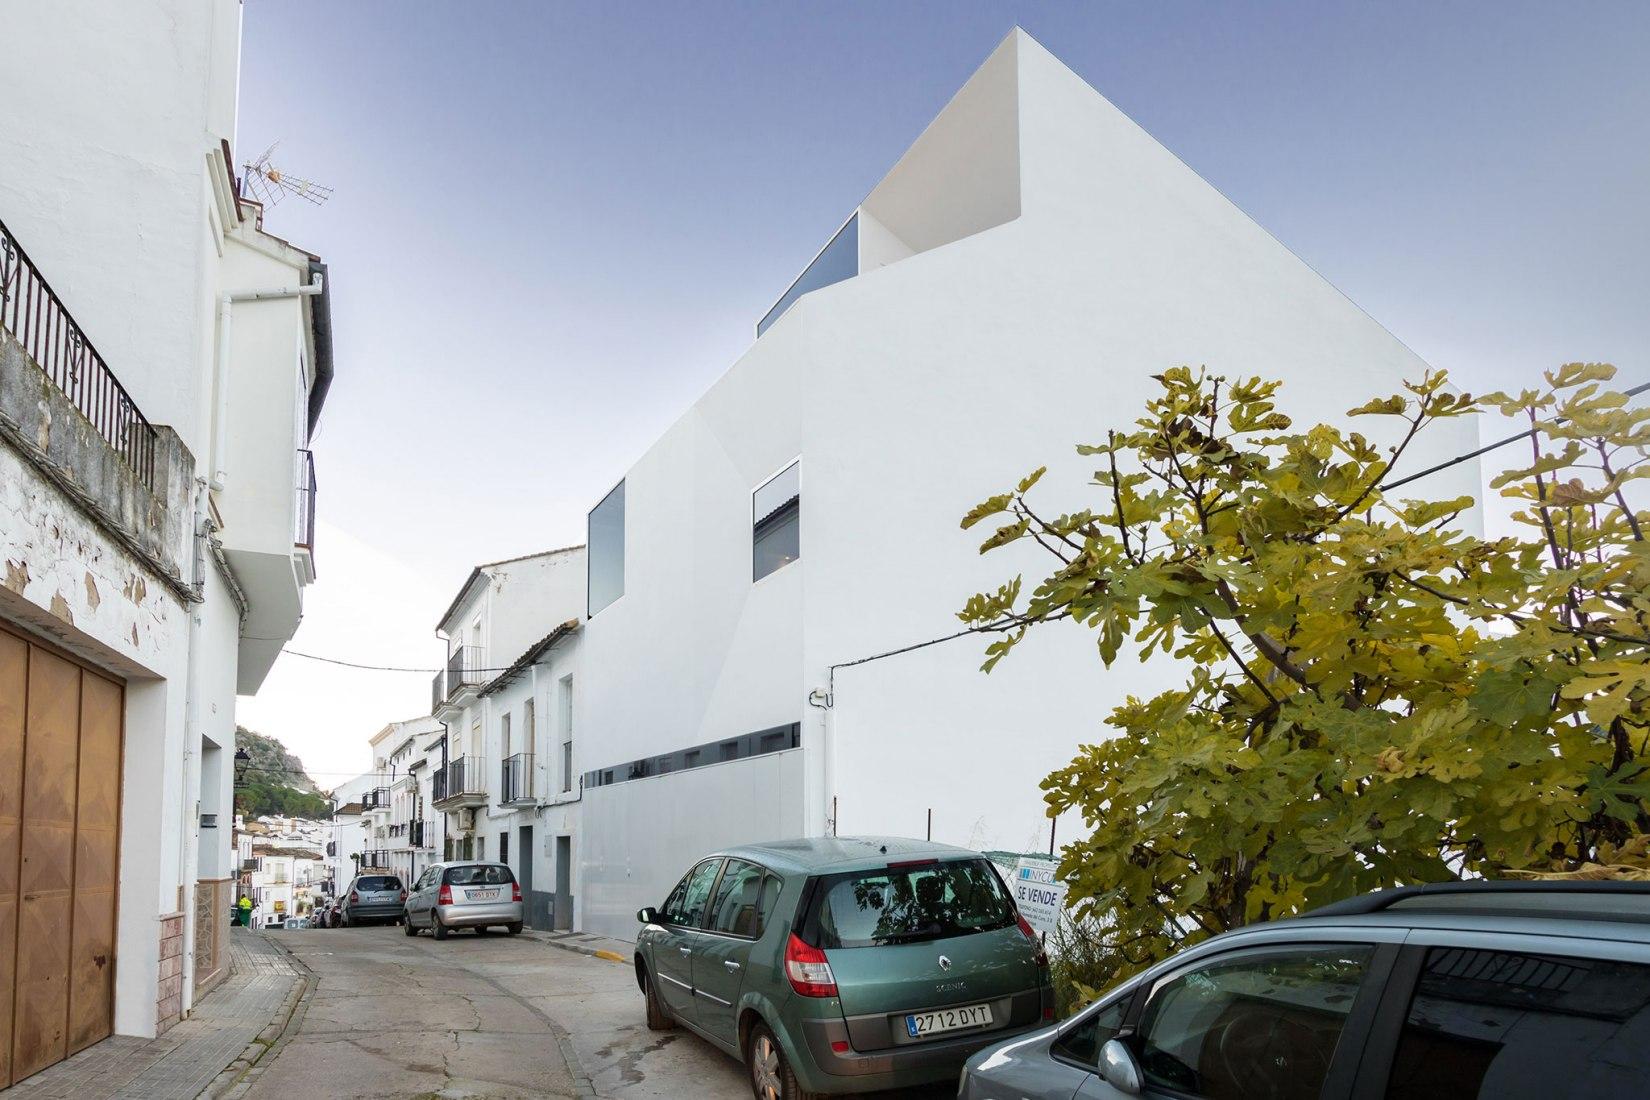 Vivienda en Ubrique por Carquero Arquitectura. Fotografía de Carlos Koblischek.